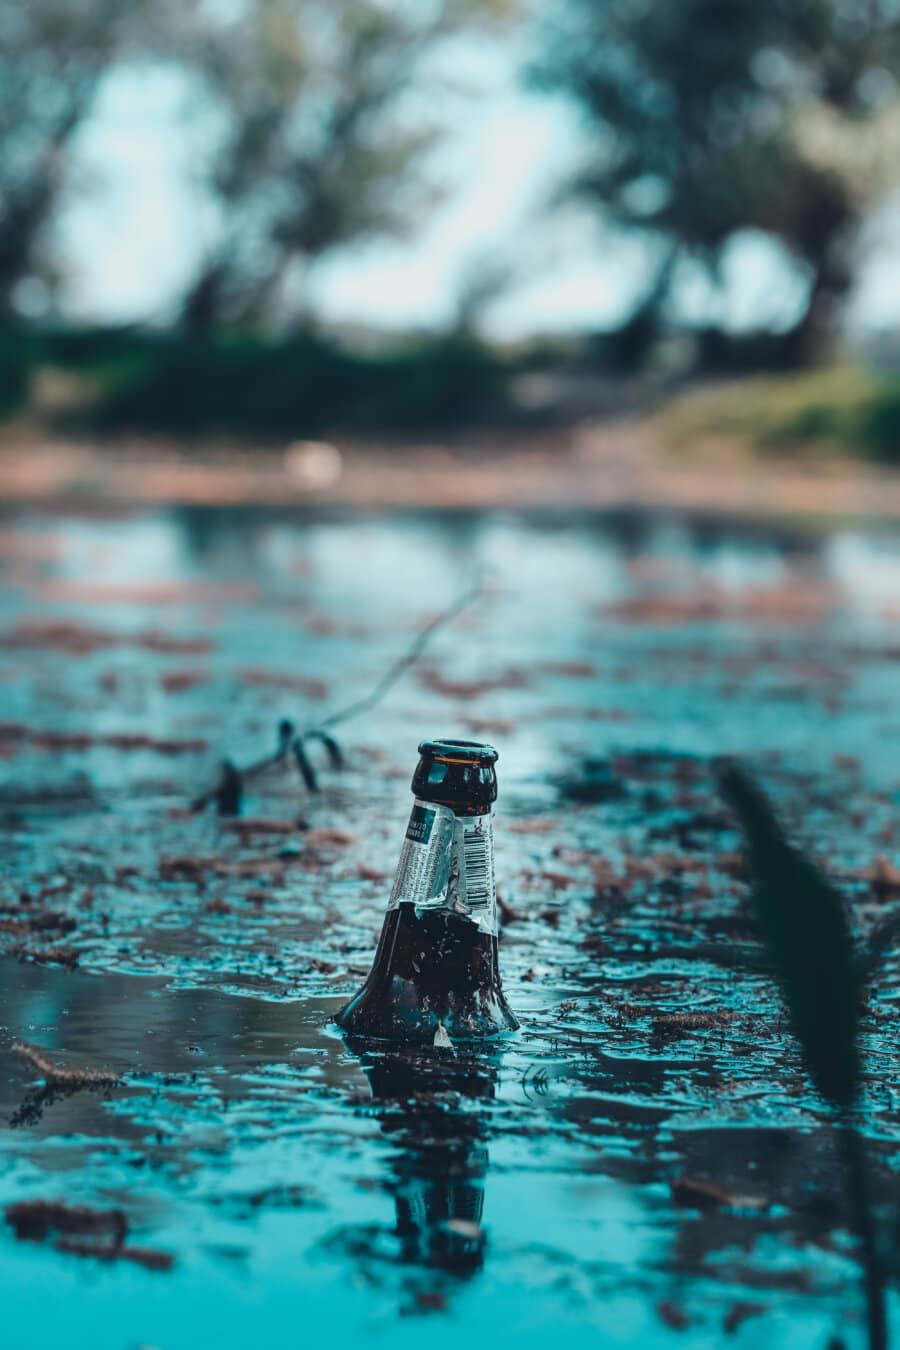 vecchio, vetro, bottiglia, immondizia, Cestino, palude, natura, acqua, bagnato, nuoto